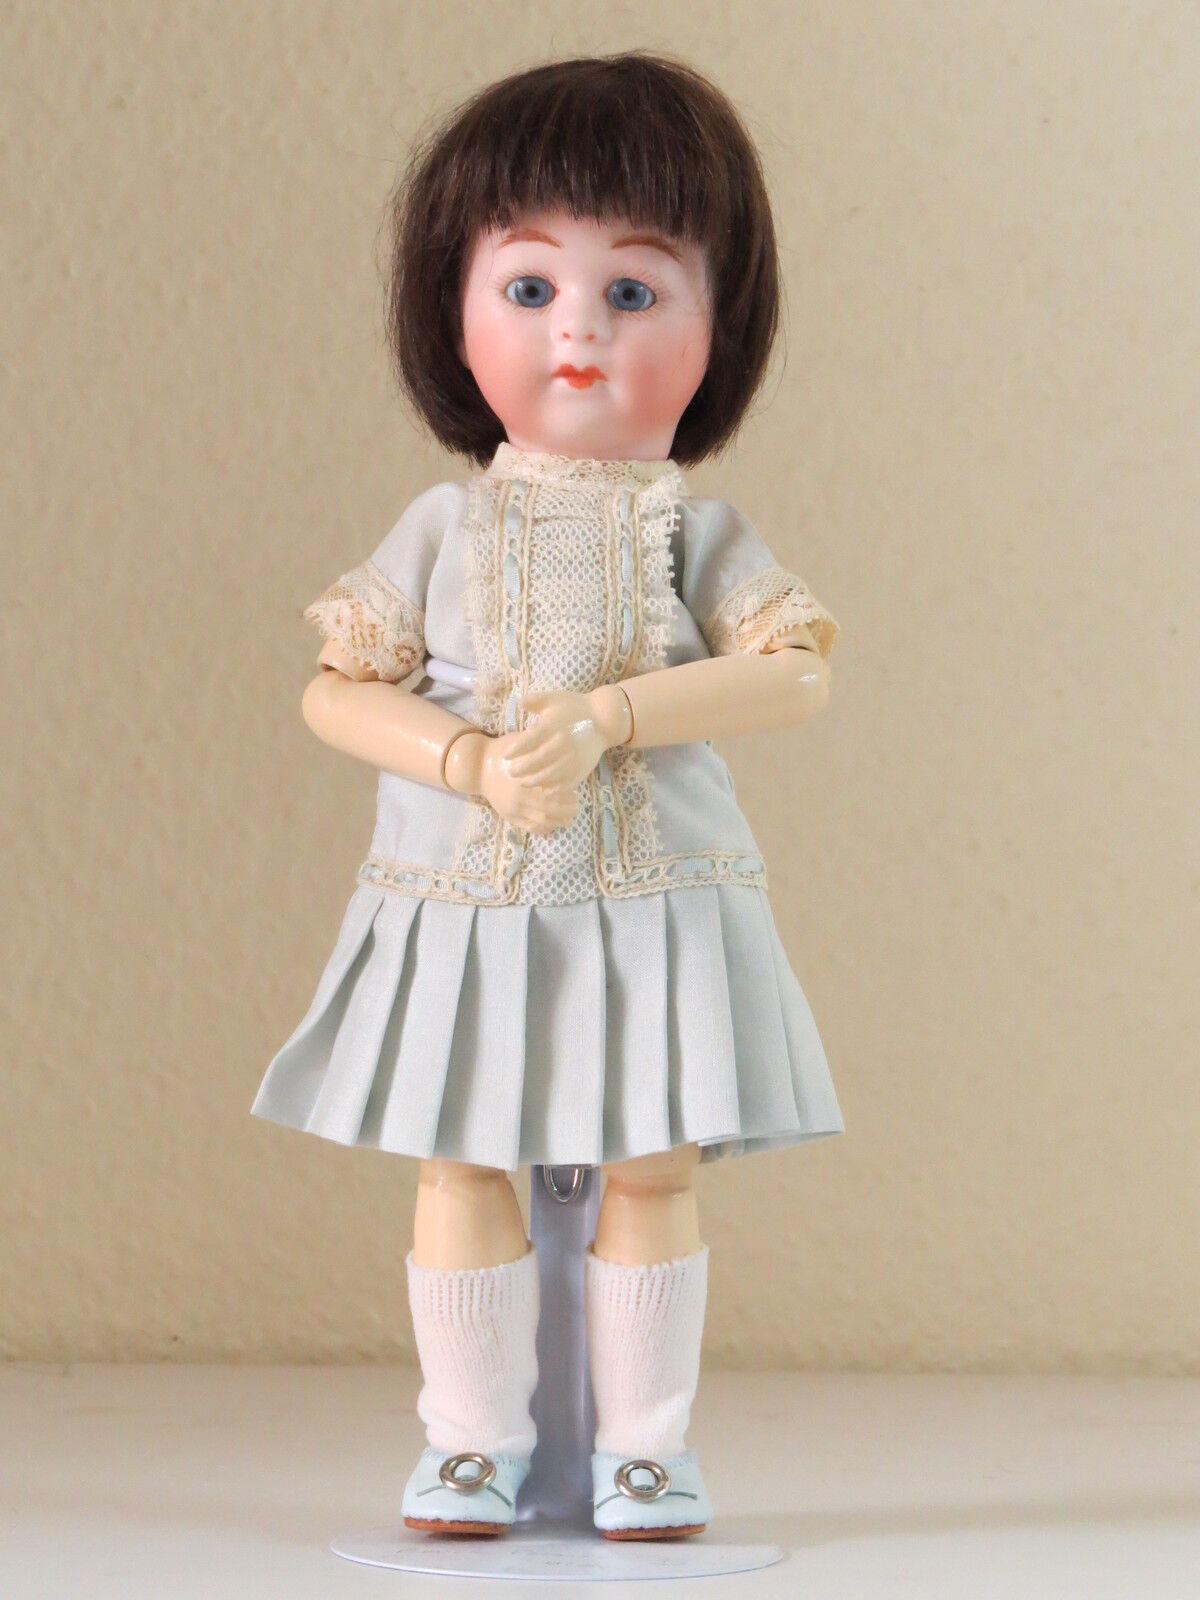 Loulotte Bocca Fermée. 24 cm ( Bfd ) Bambola Creation  bambola  scegli il tuo preferito